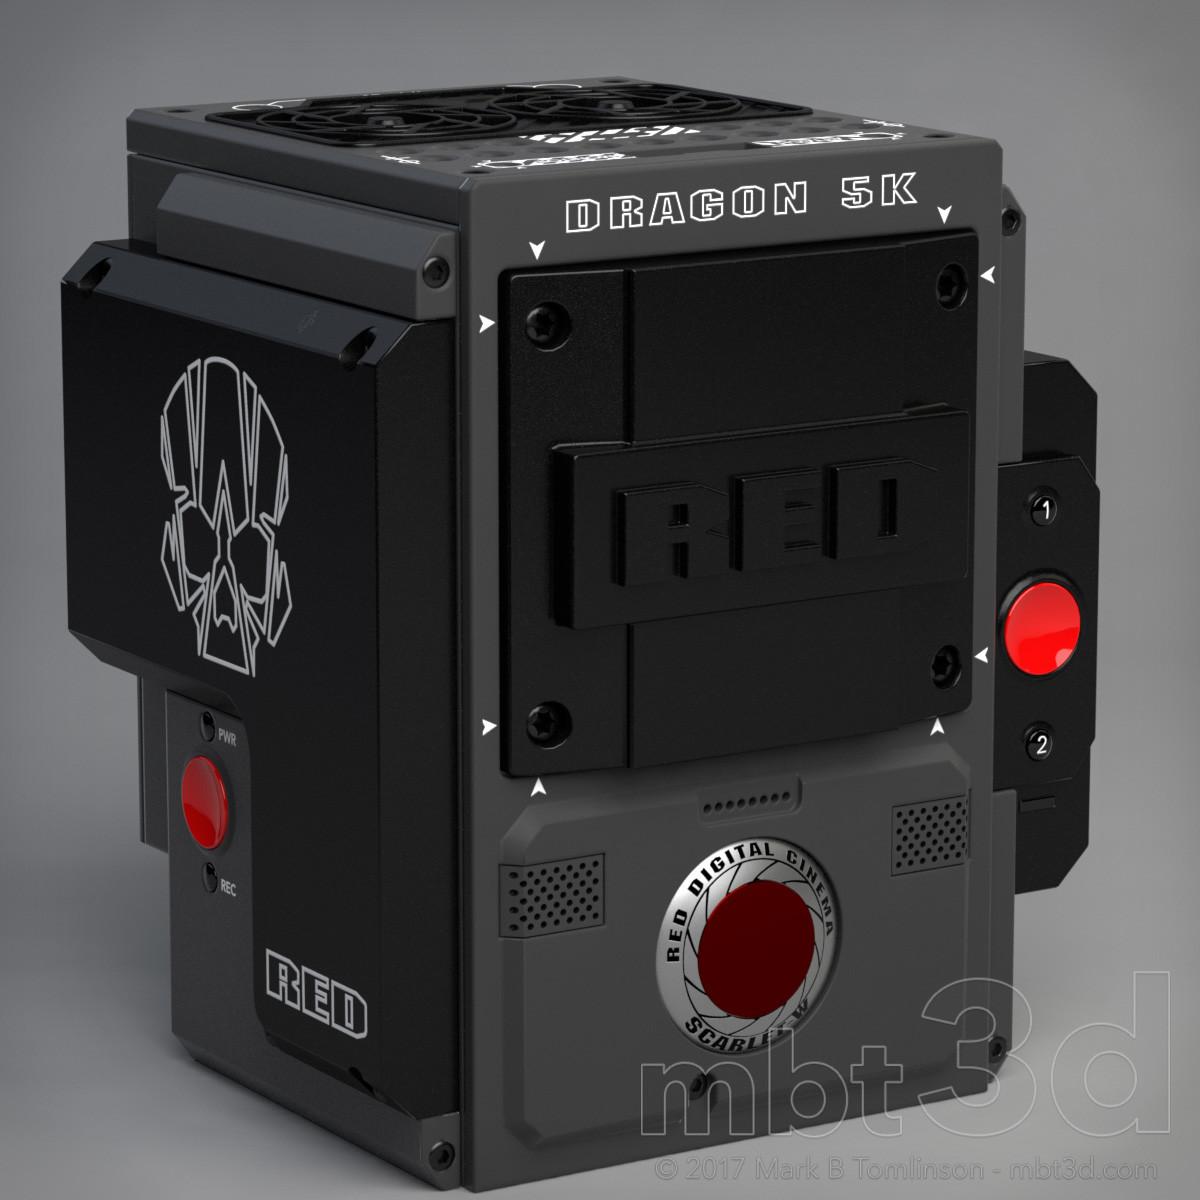 Box Five - Red Camera Dragon